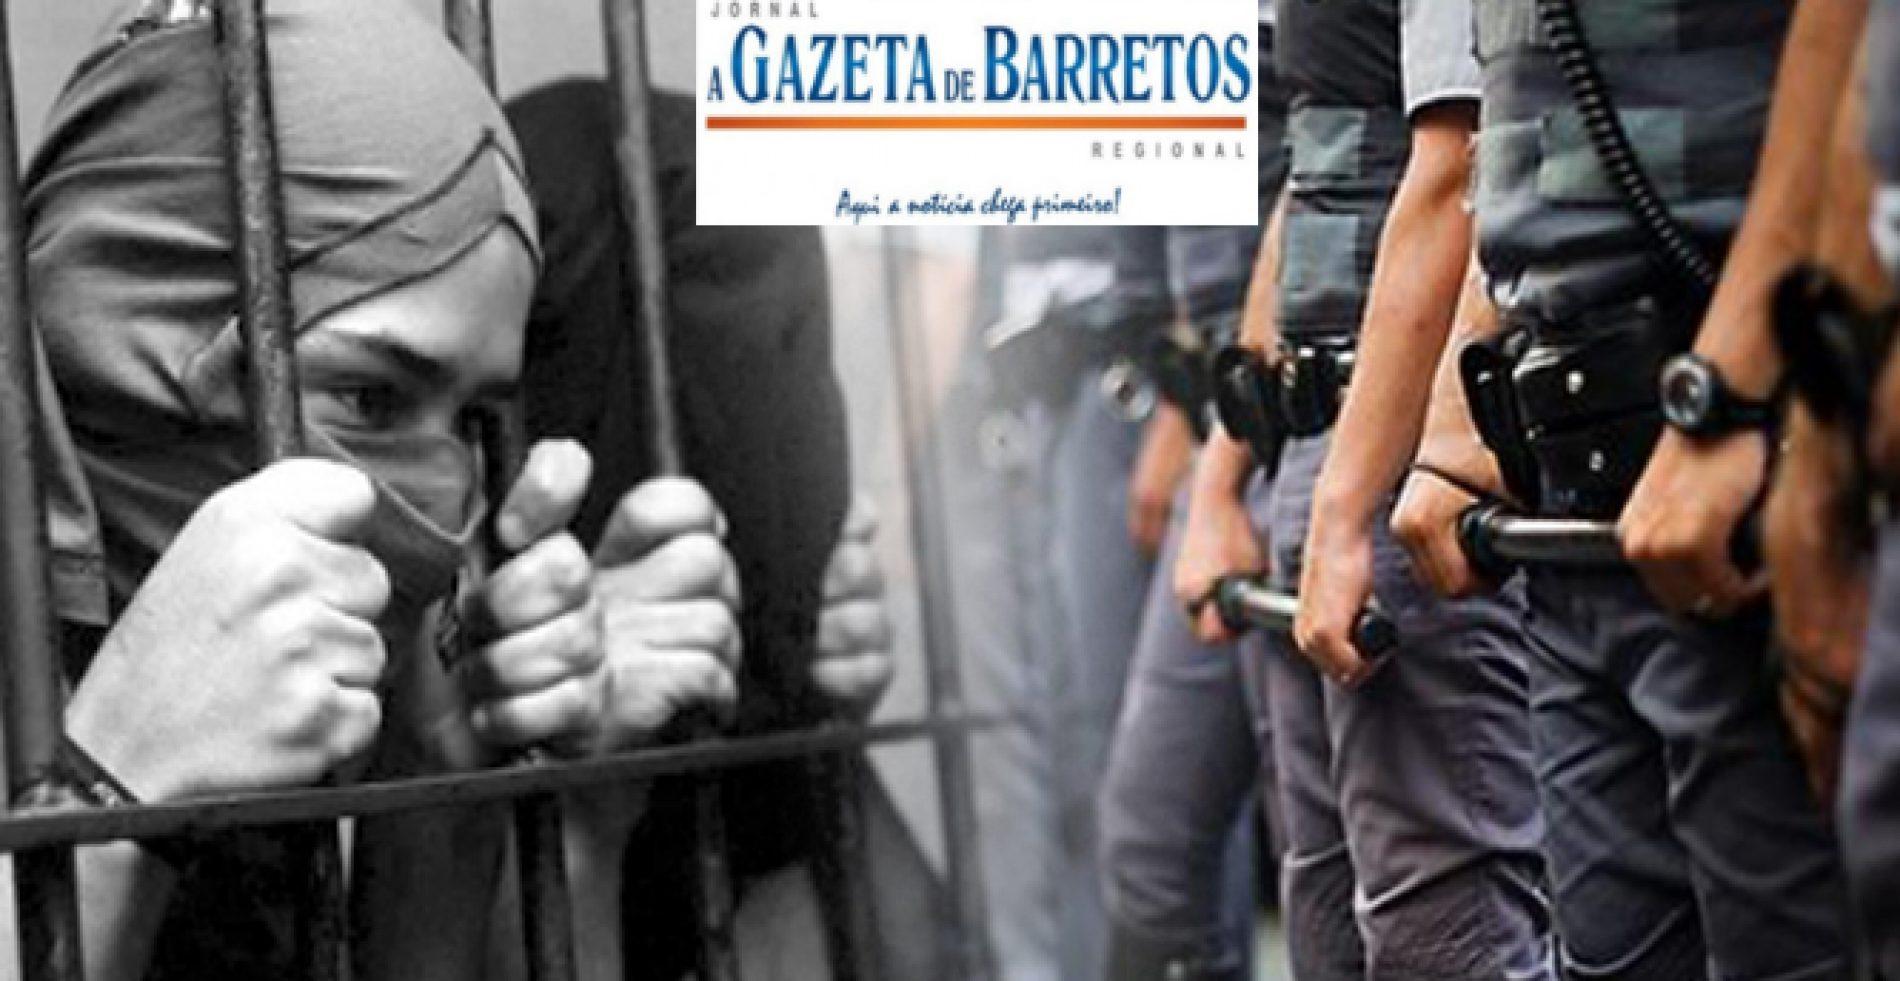 NOTICIAS POLICIAIS: Menor é detido por traficar drogas no bairro São Salvador